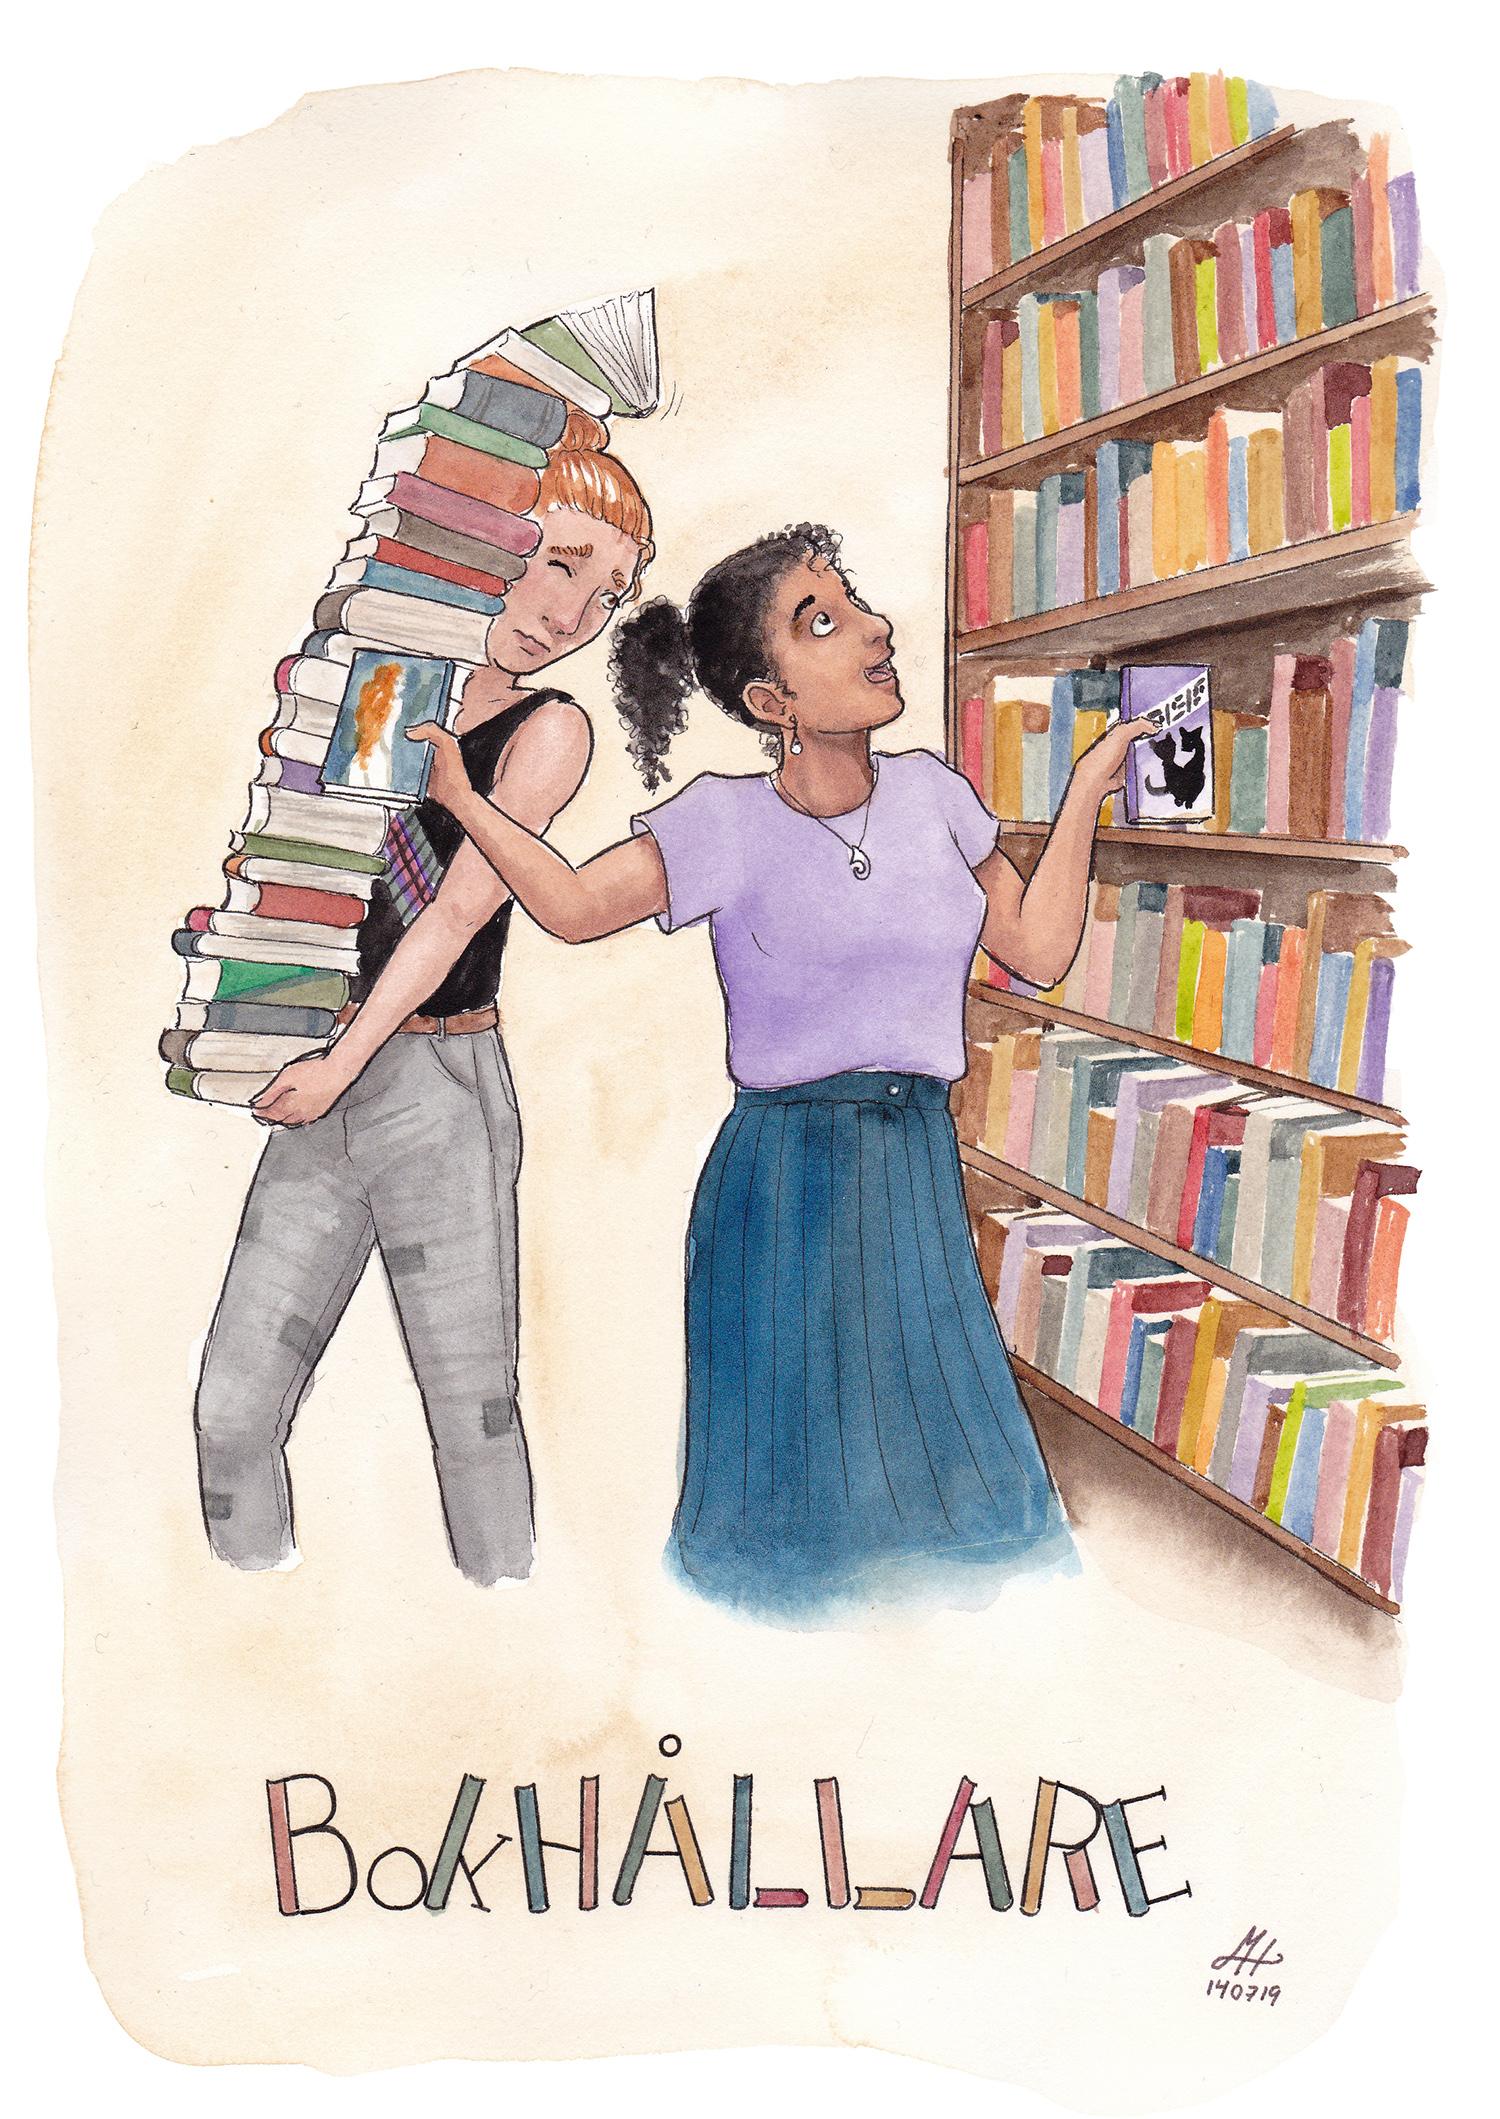 bokhållare illustration ordvits